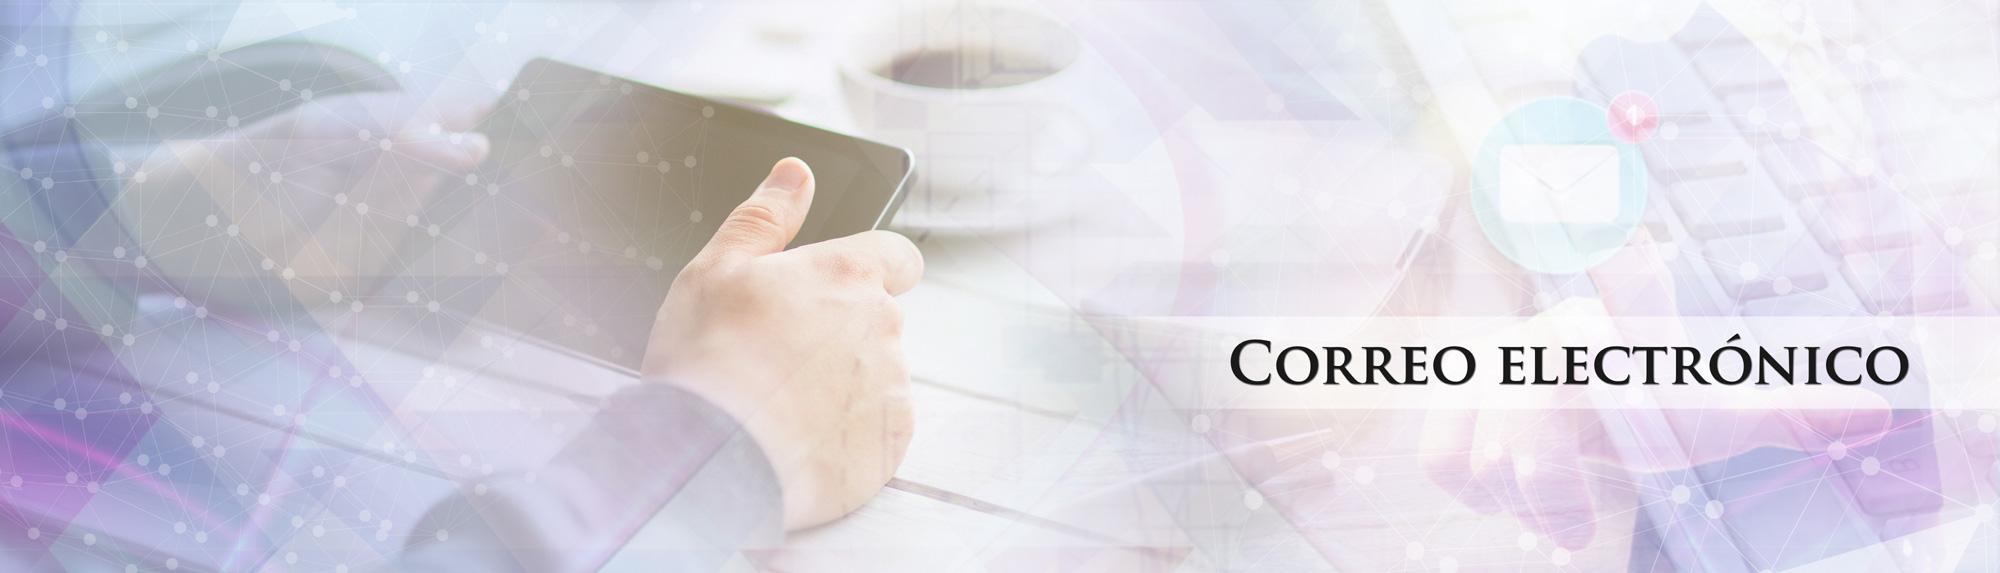 ucb-Correo-electronico_fi